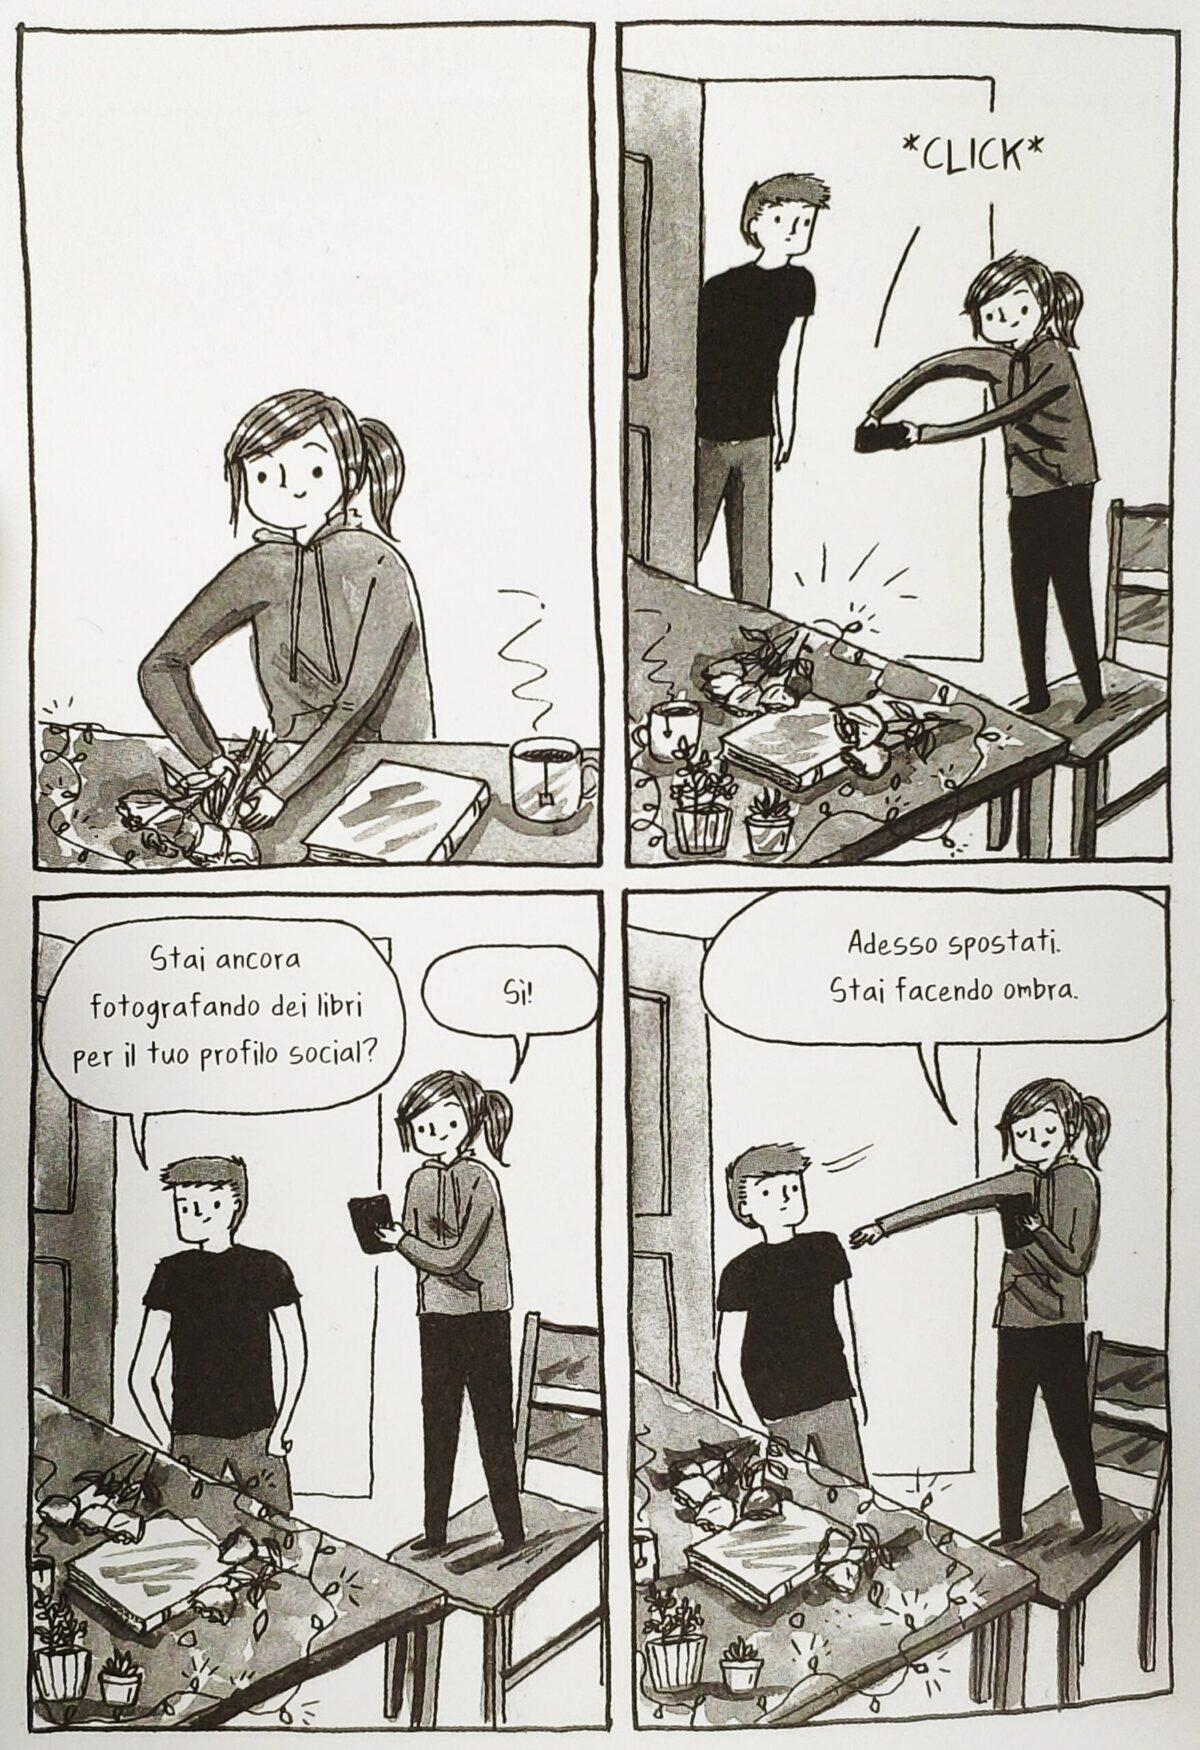 Mio caro fumetto... - Fare le foto ai libri per i social